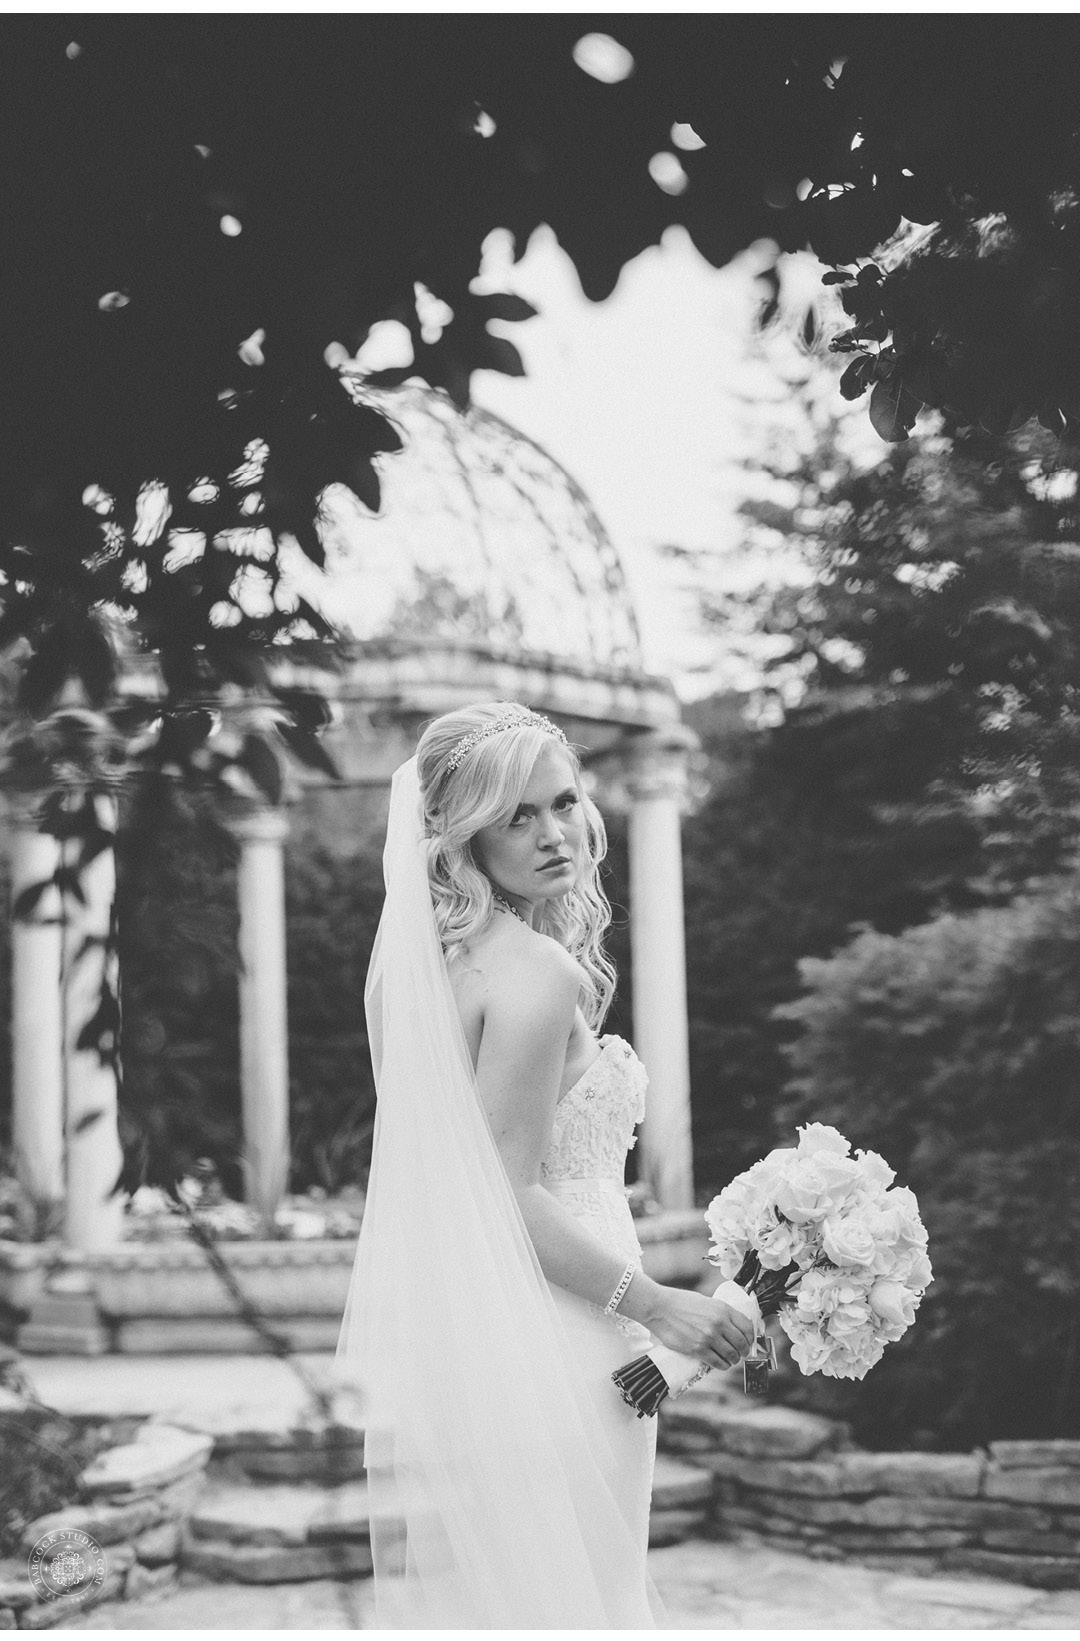 danielle-tyler-wedding-photographer-dayton-ohio-11.jpg